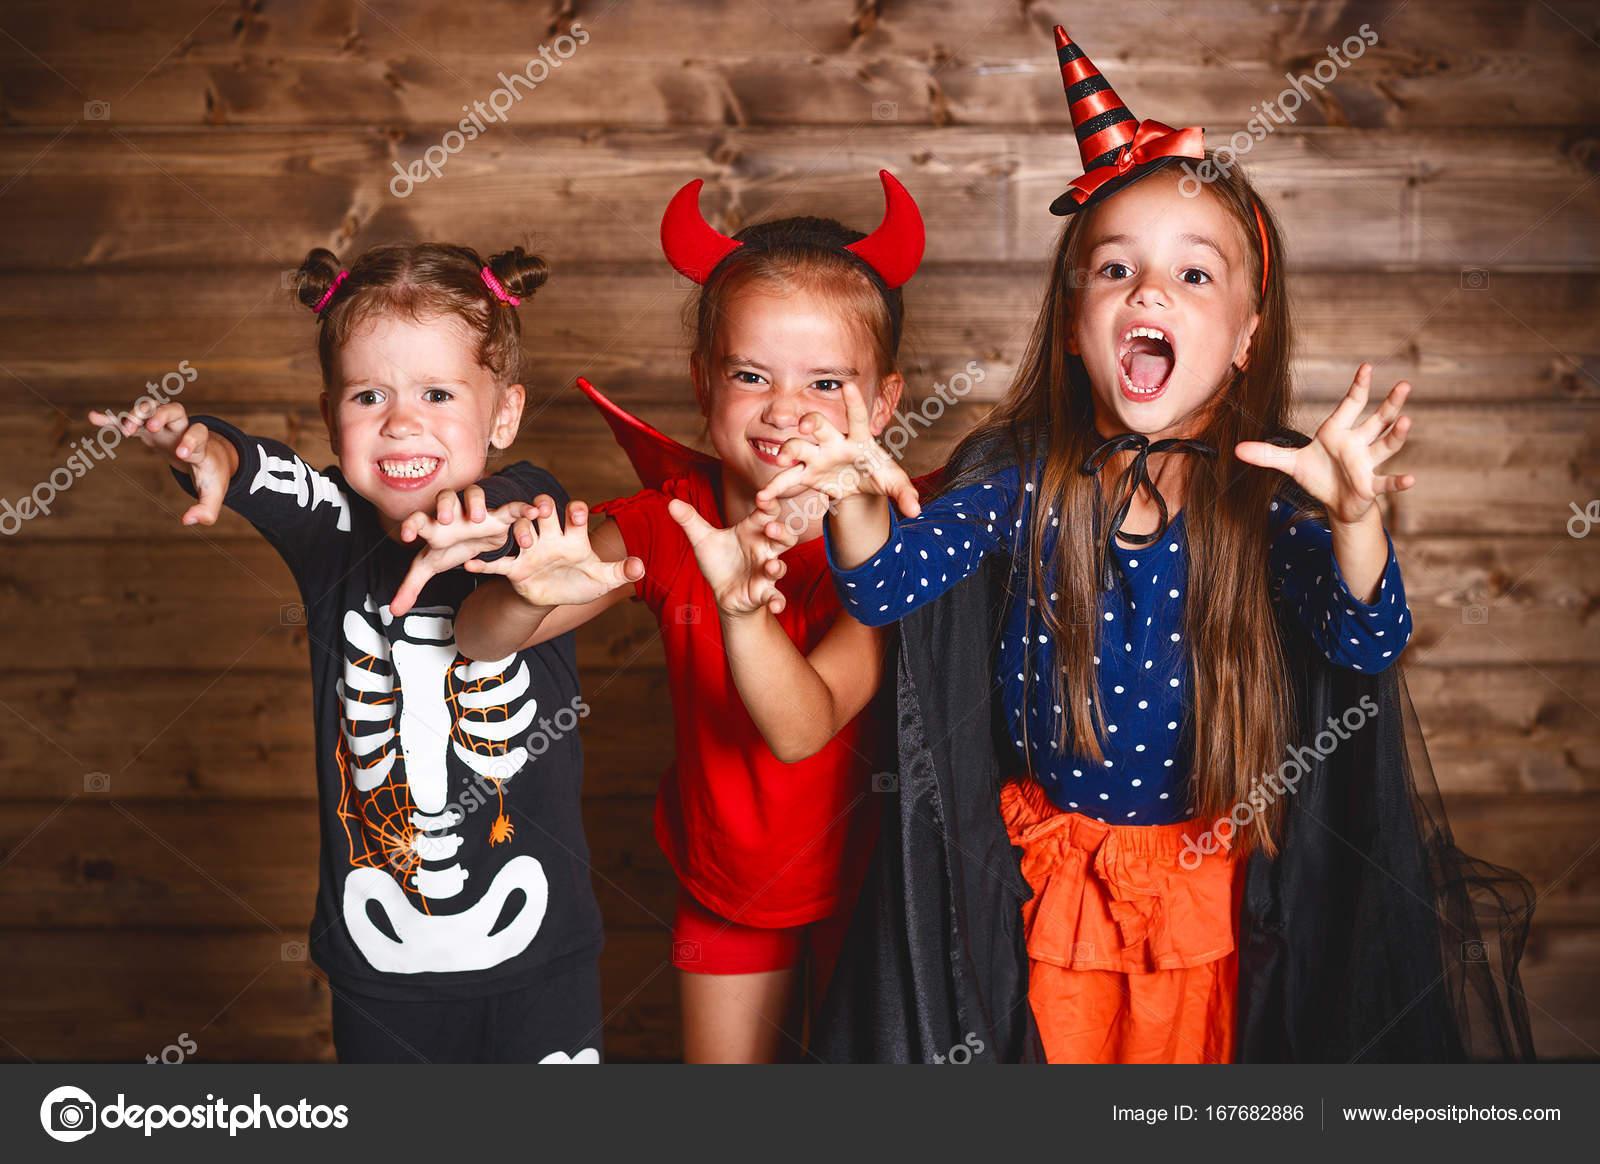 Halloween Gruppo.Festa Halloween Gruppo Divertente Bambini In Costumi Di Carnevale